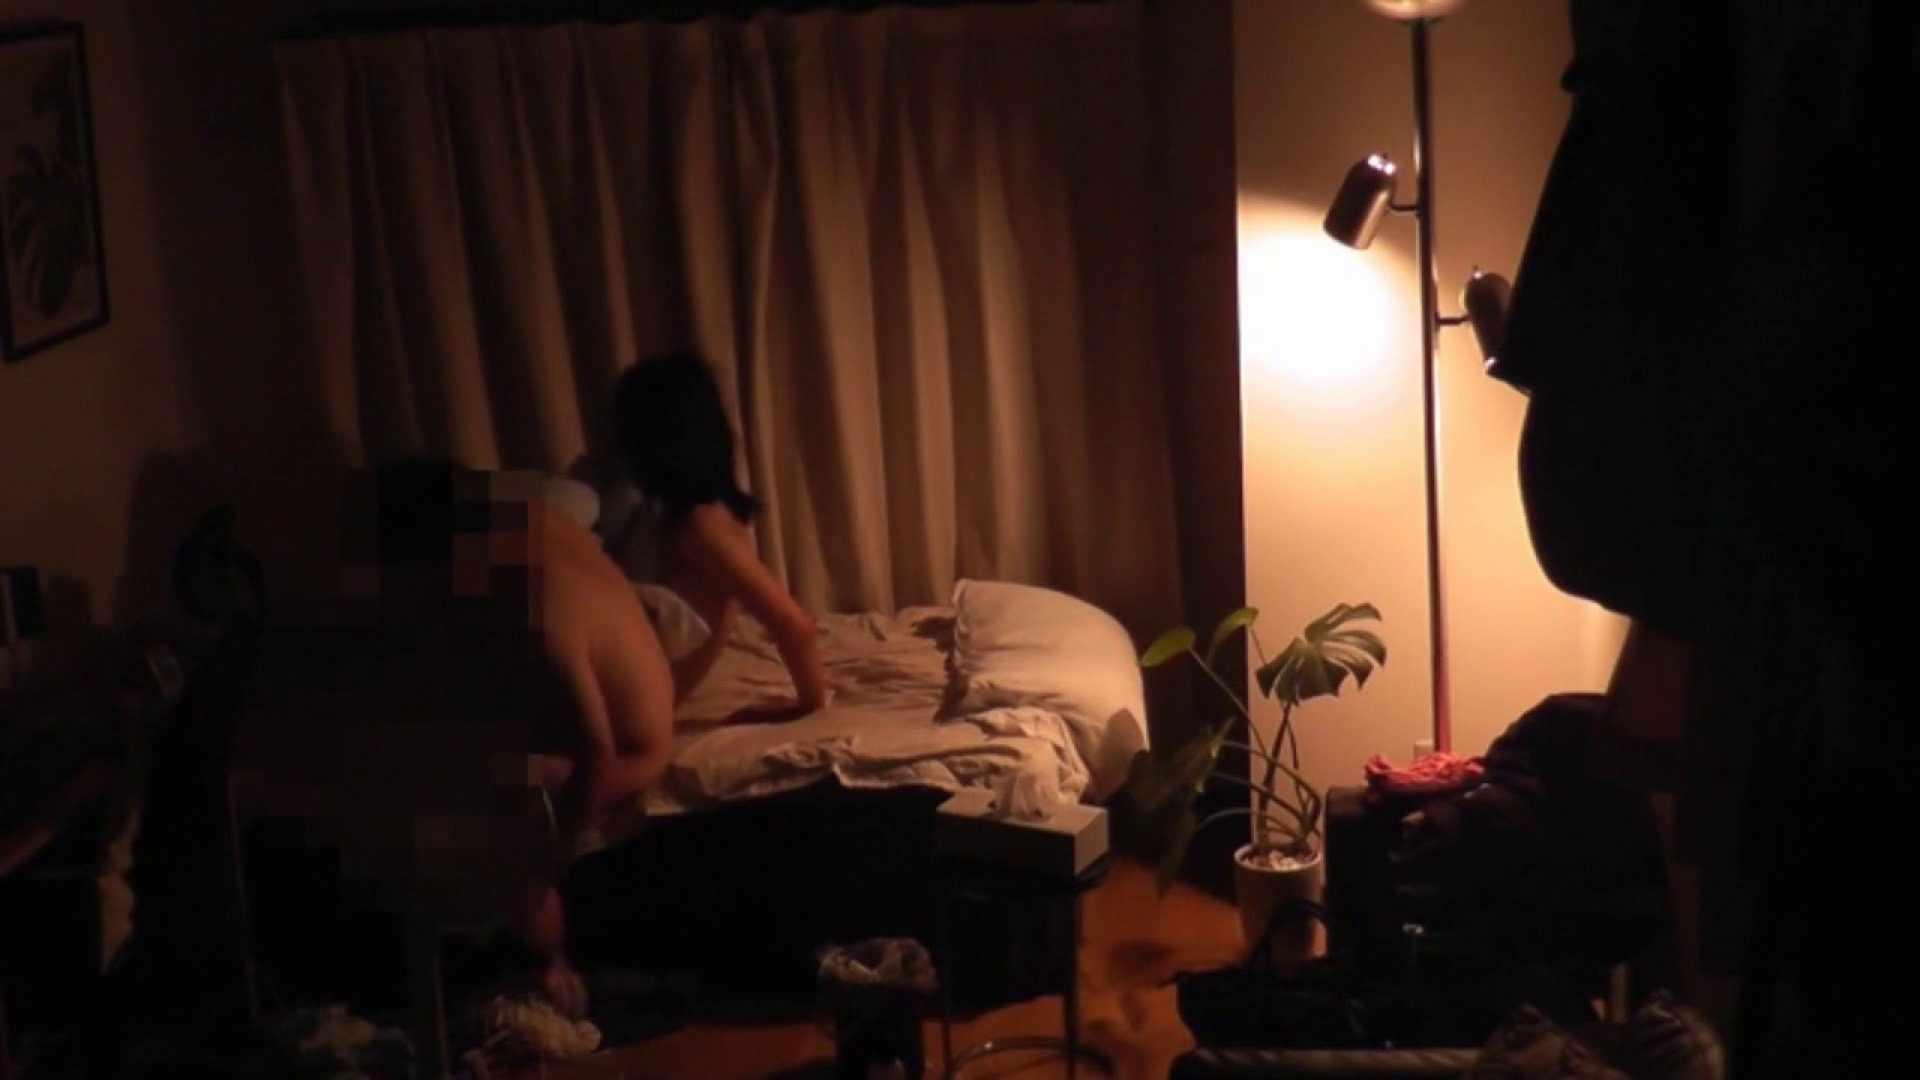 美女だらけのプライベートSEXvol.1 OLの裸事情 オマンコ無修正動画無料 107枚 102